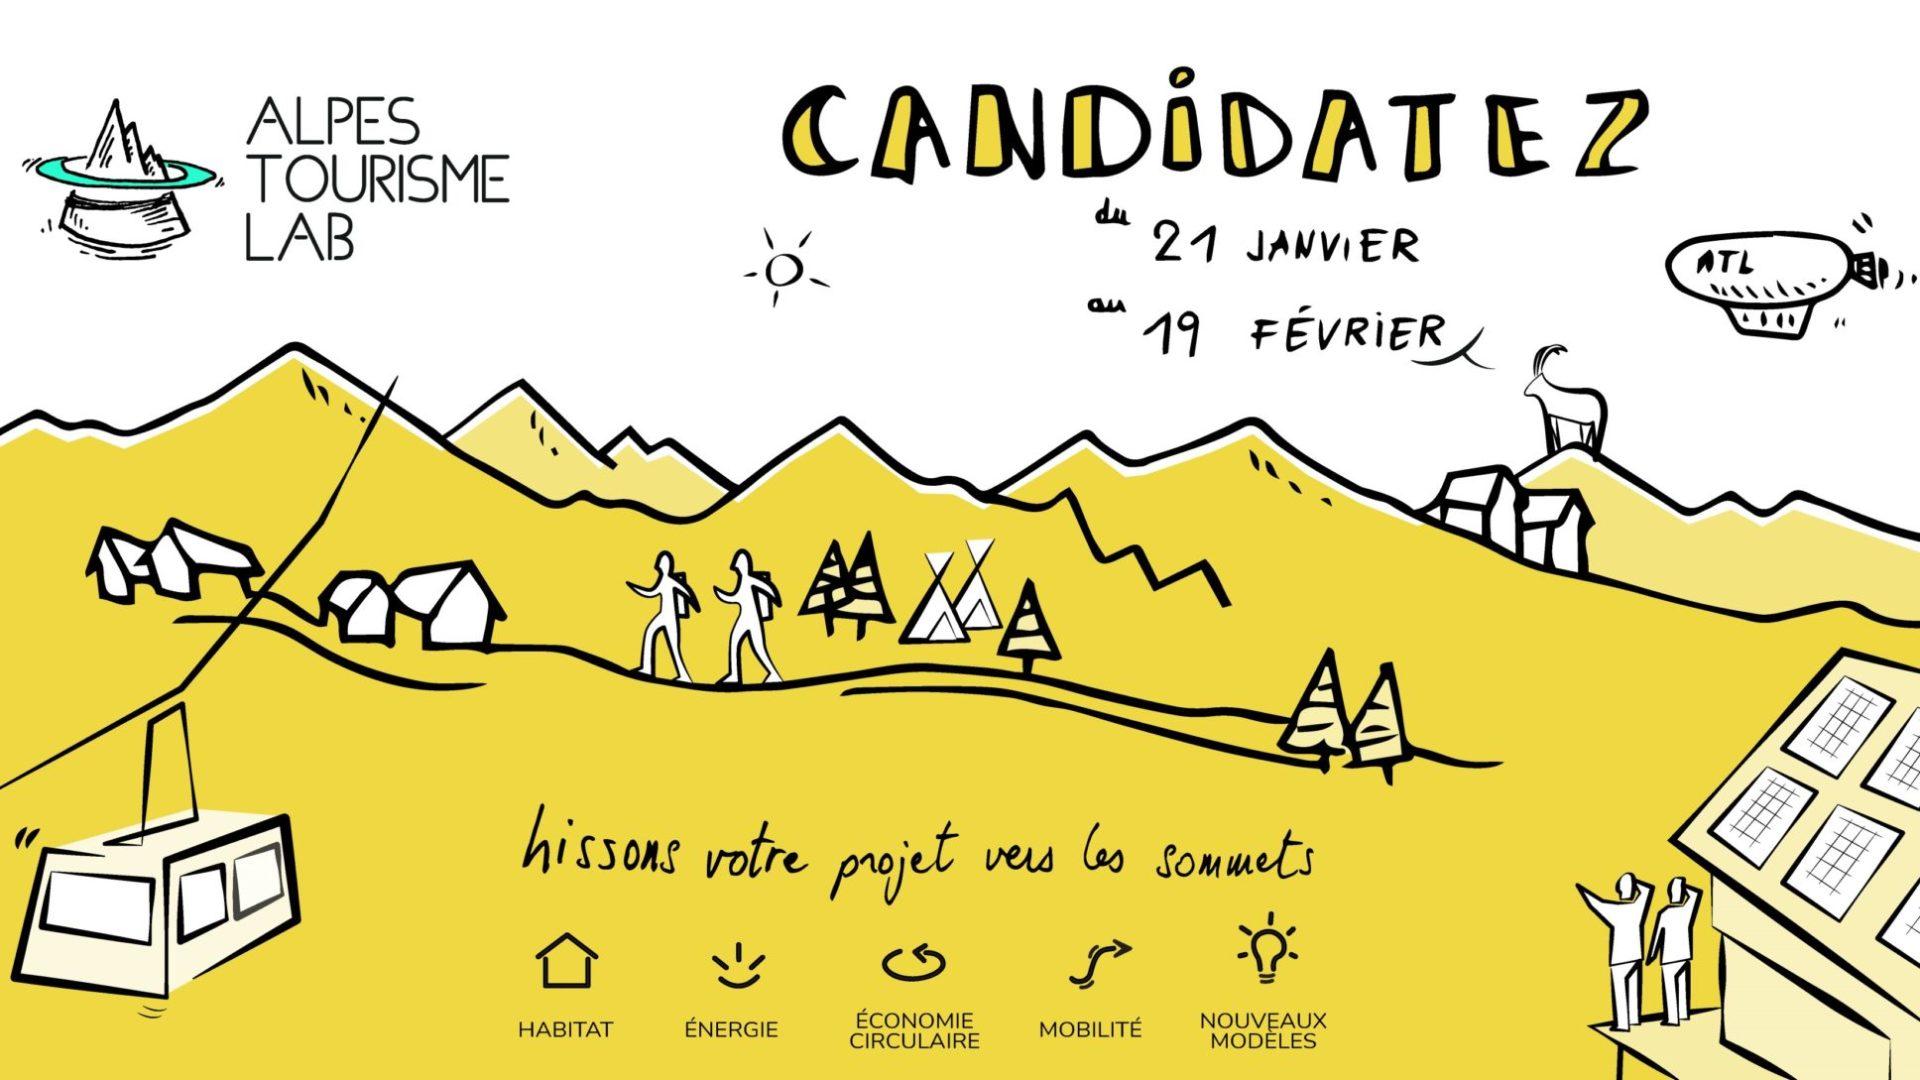 Ouverture de l'appel à candidature Alpes Tourisme Lab